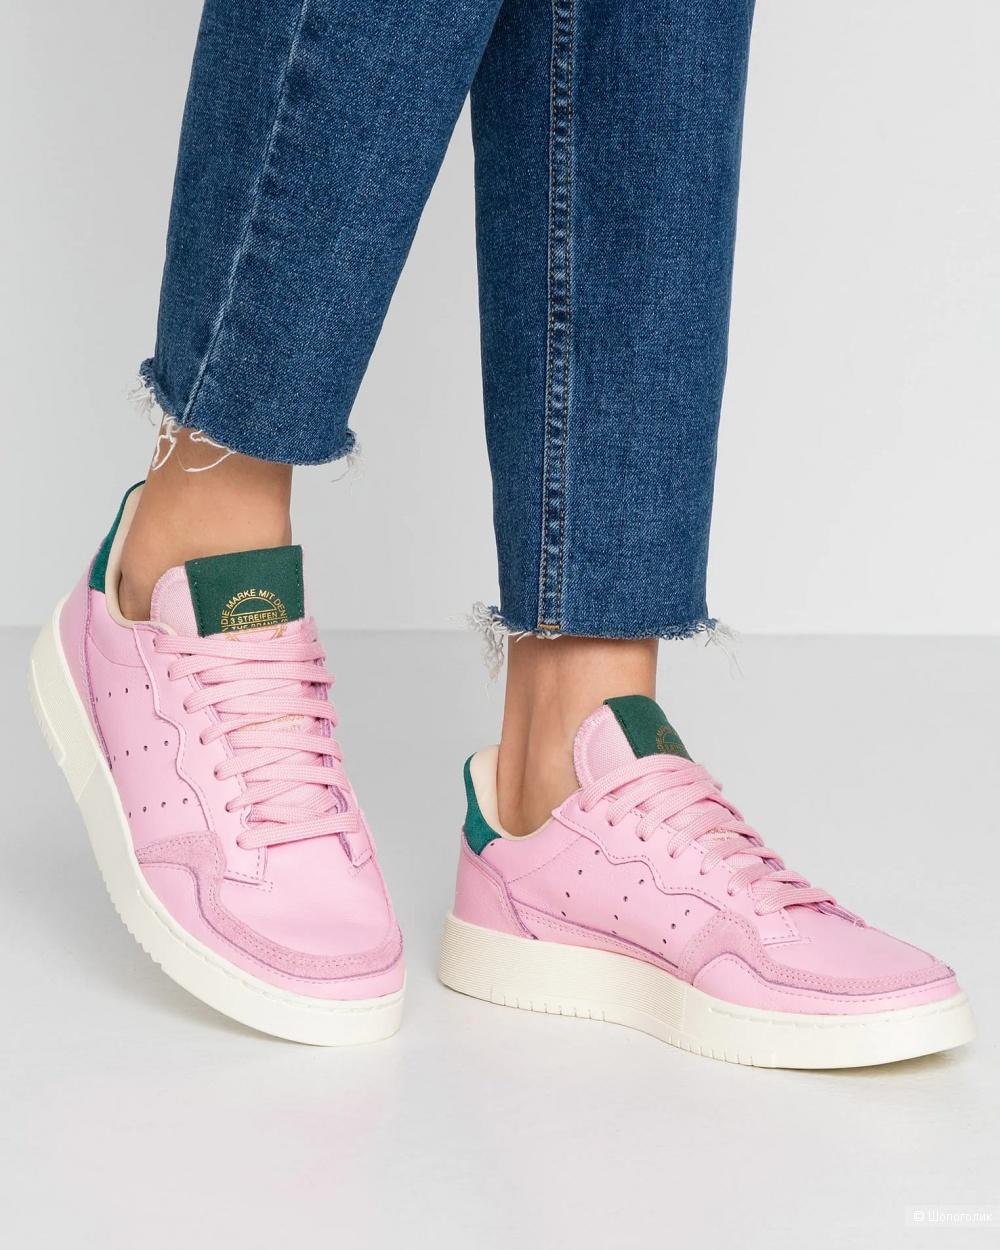 Кроссовки кеды Adidas supercourt  36, 37.5-38 и 40 размер